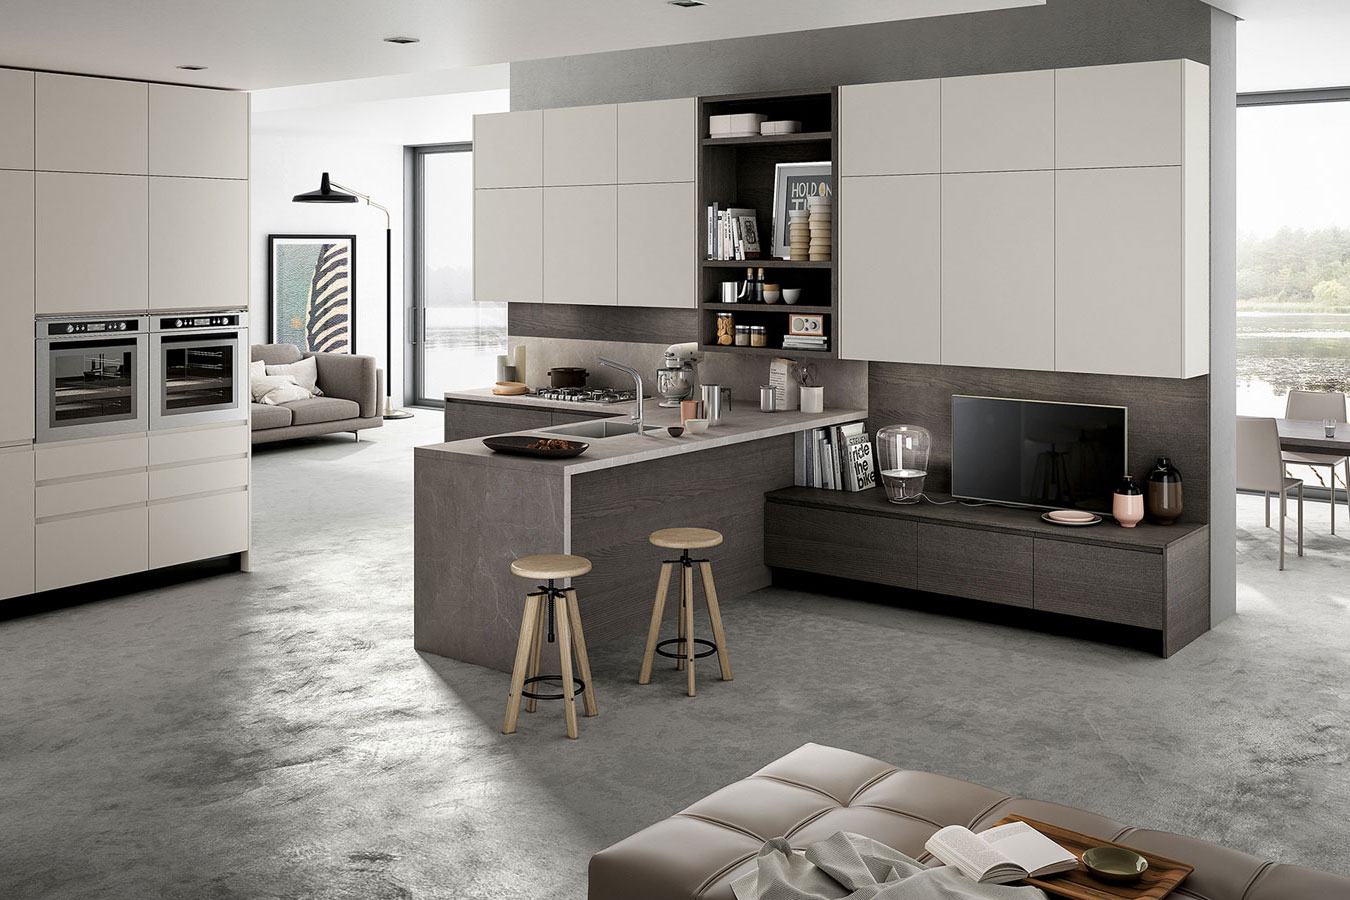 Cucina wega di arredo3 righetti mobili novara for Cucine da arredo